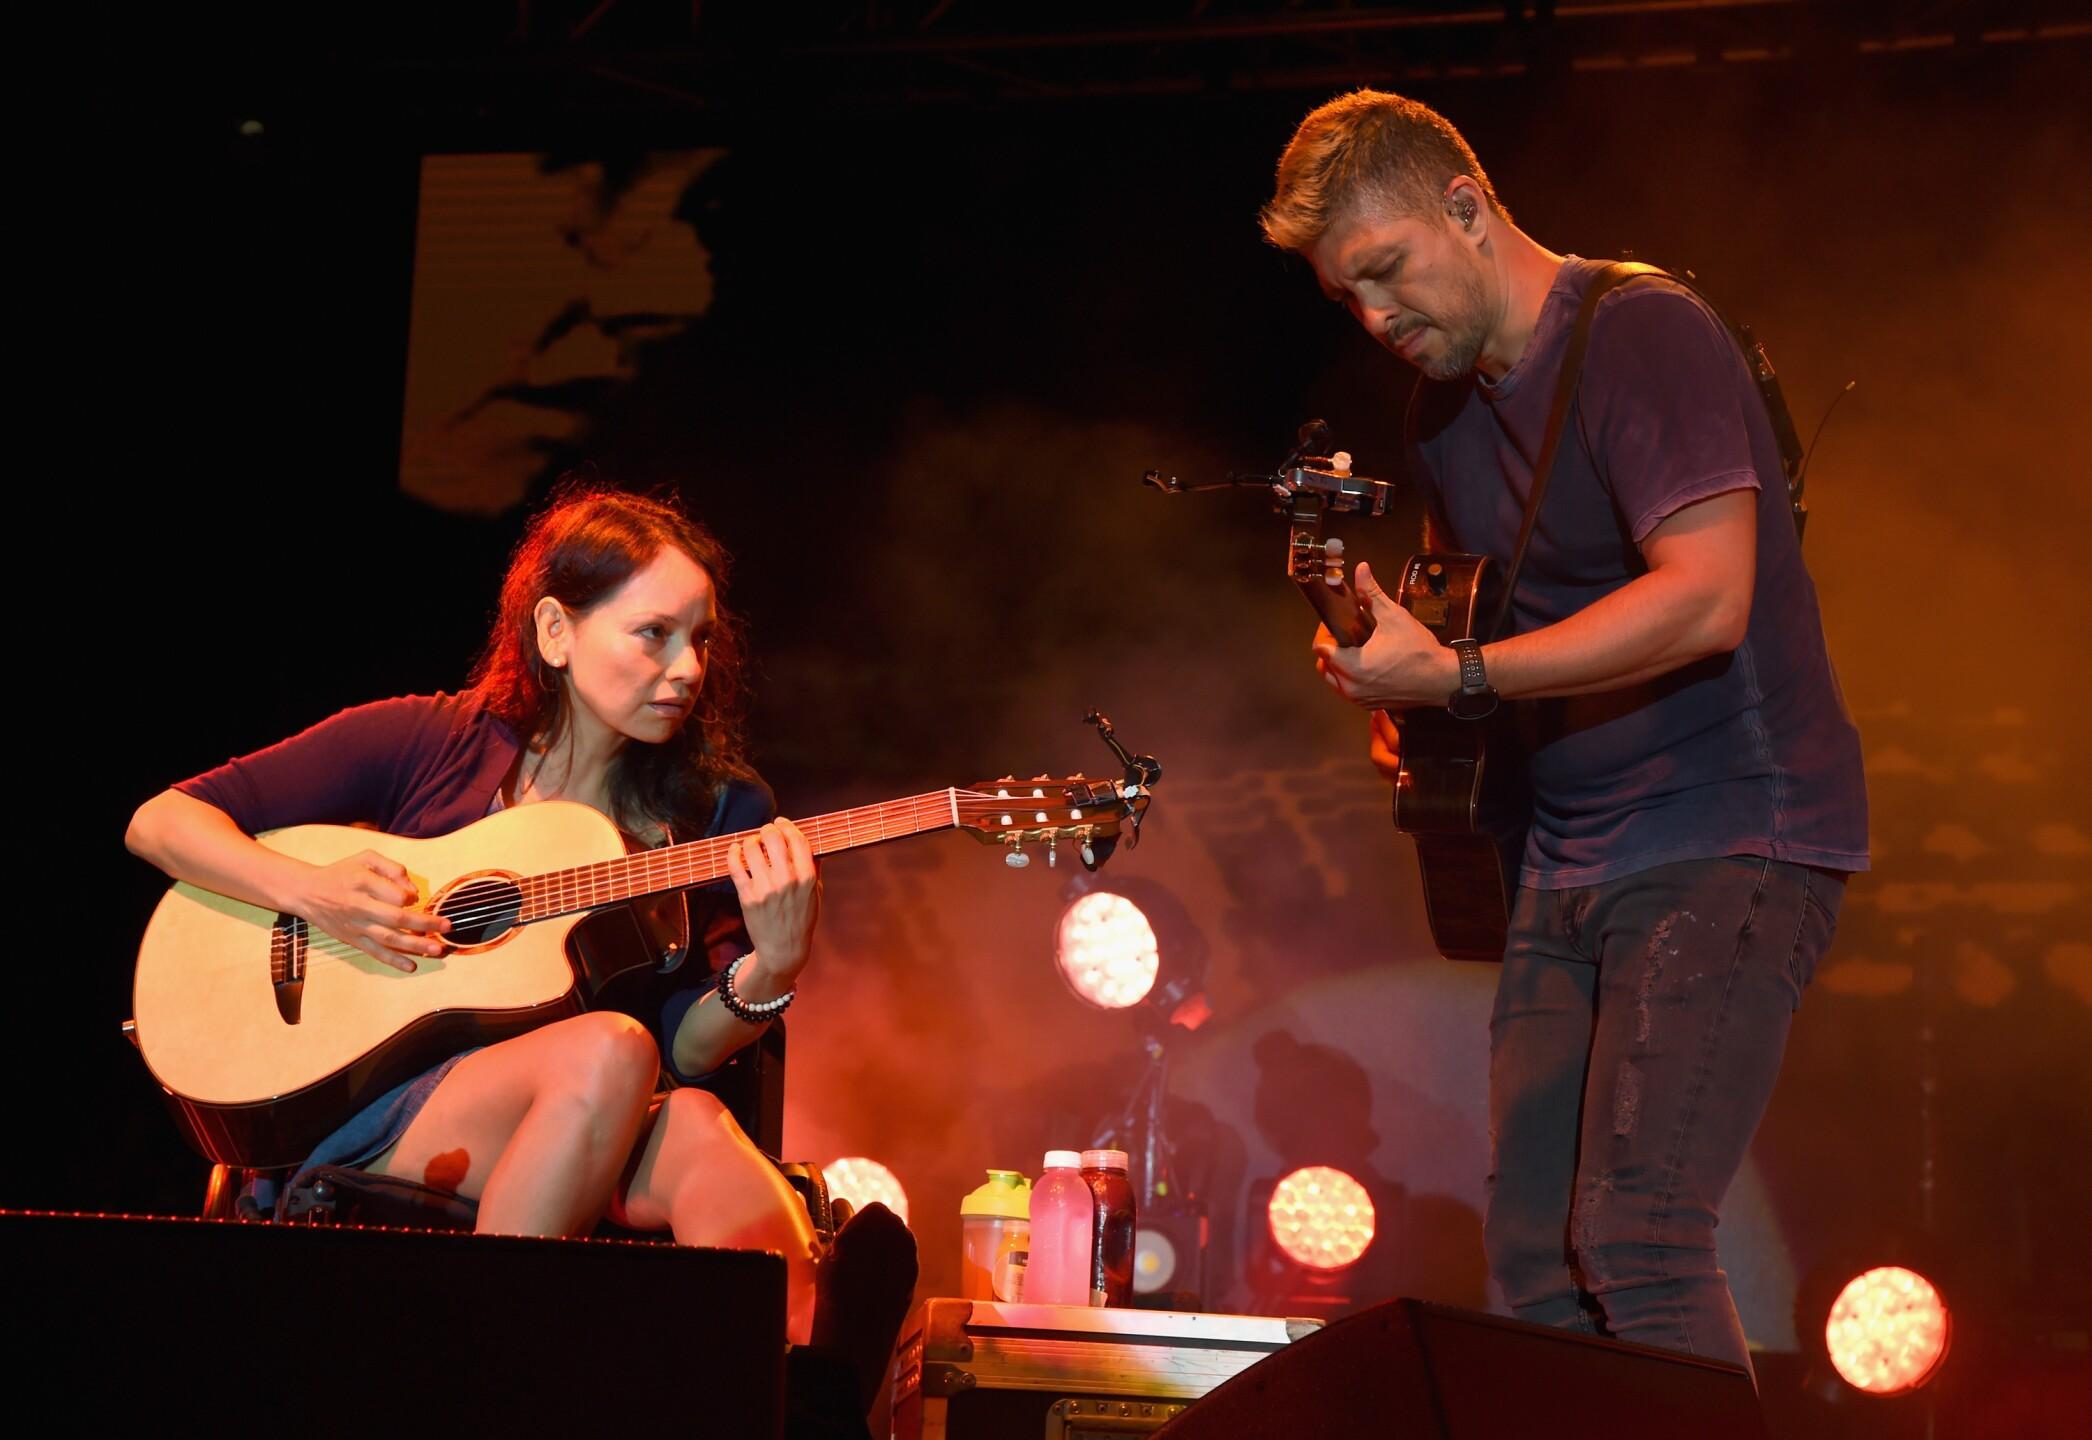 Rodrigo y Gabriela to perform at Summerfest 2019.